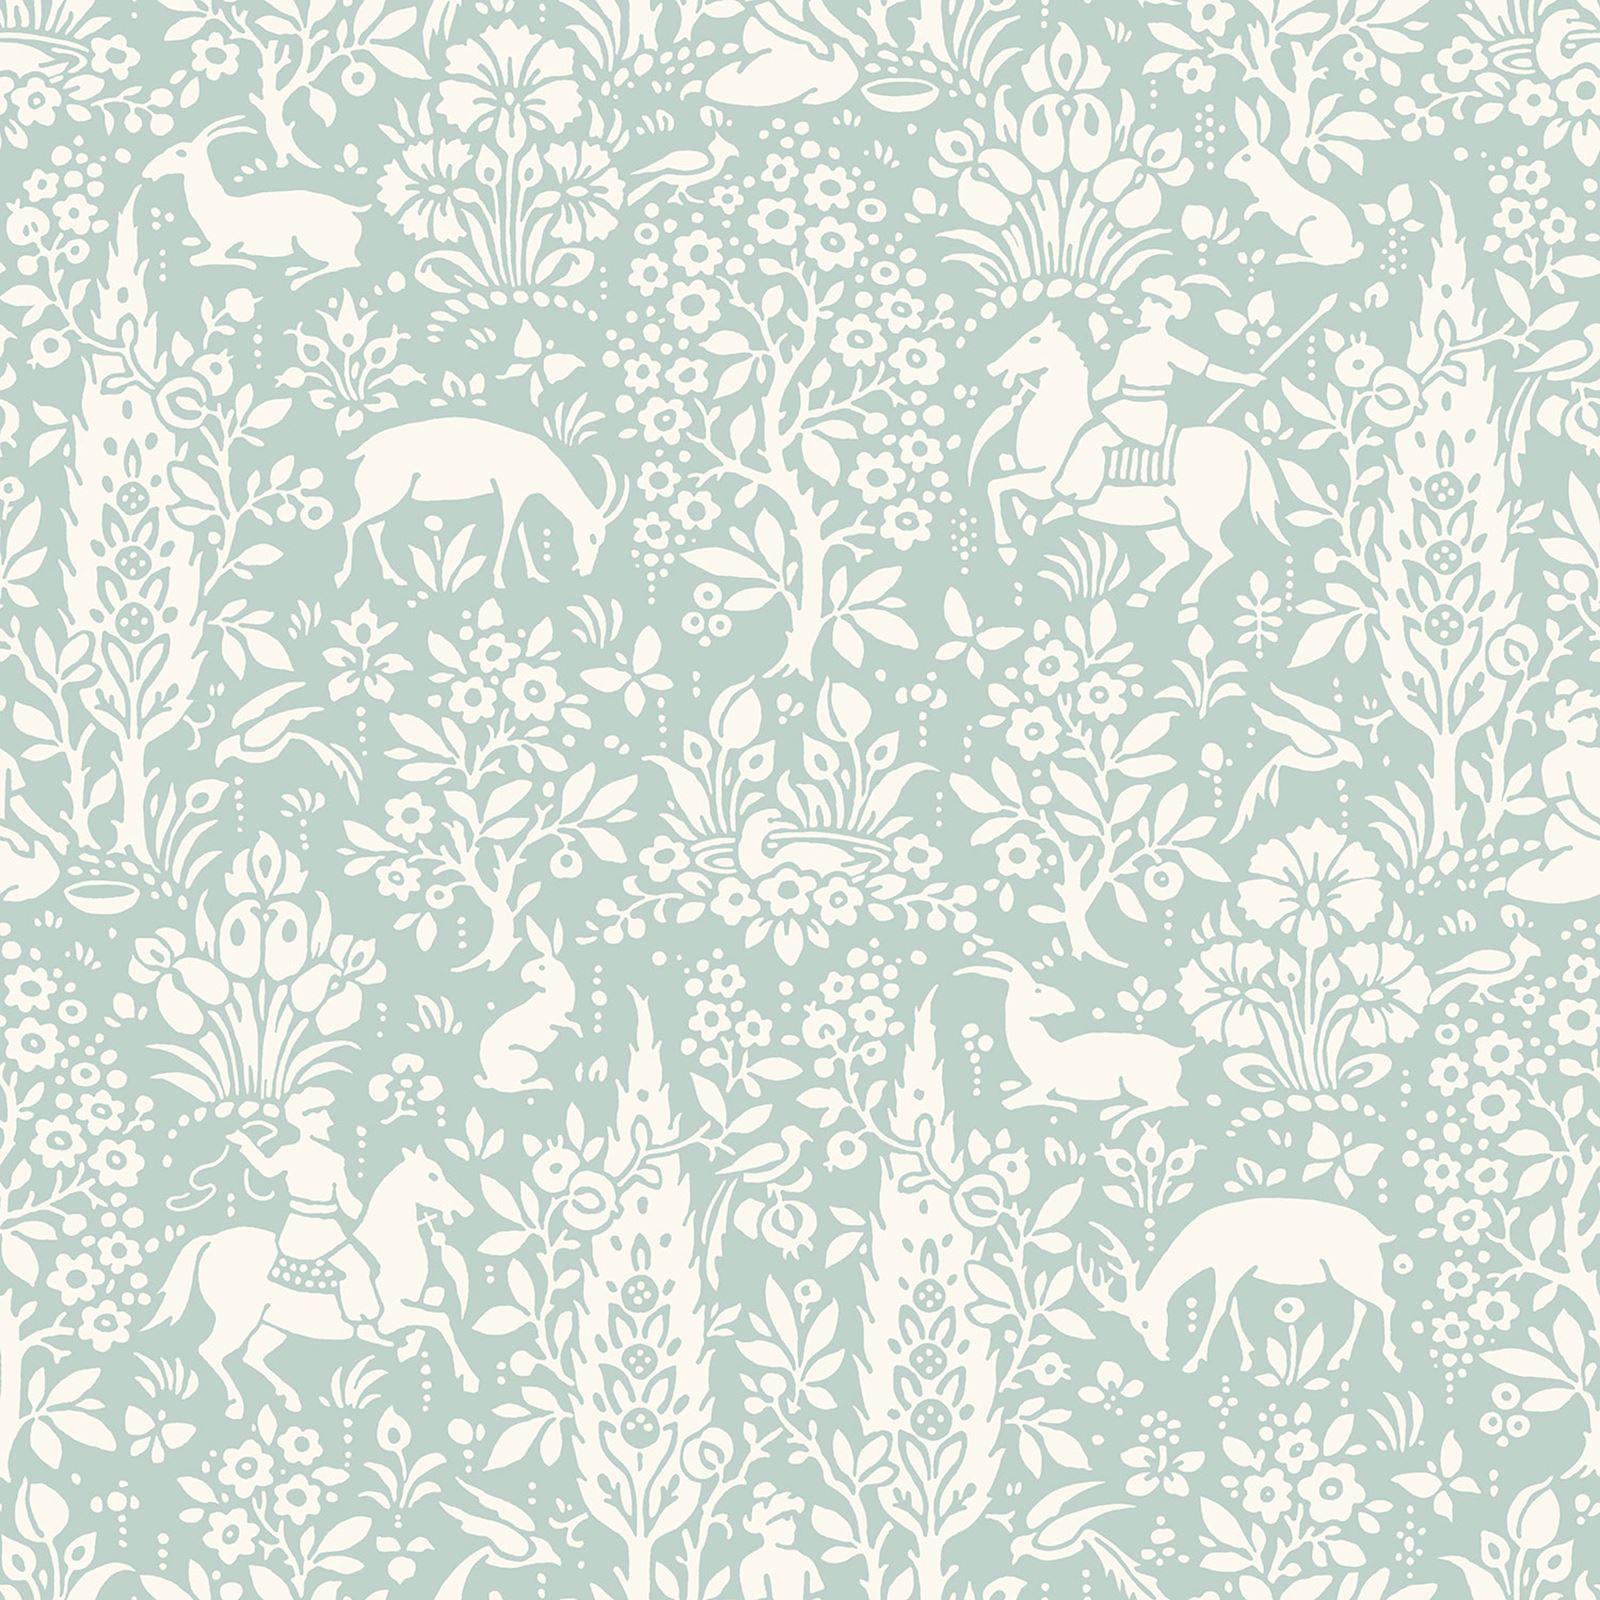 Beautiful Wallpaper Grey Duck Egg Blue - dbdf0e12-22f5-44c6-b14b-812f097c092d  Trends_869969.jpg